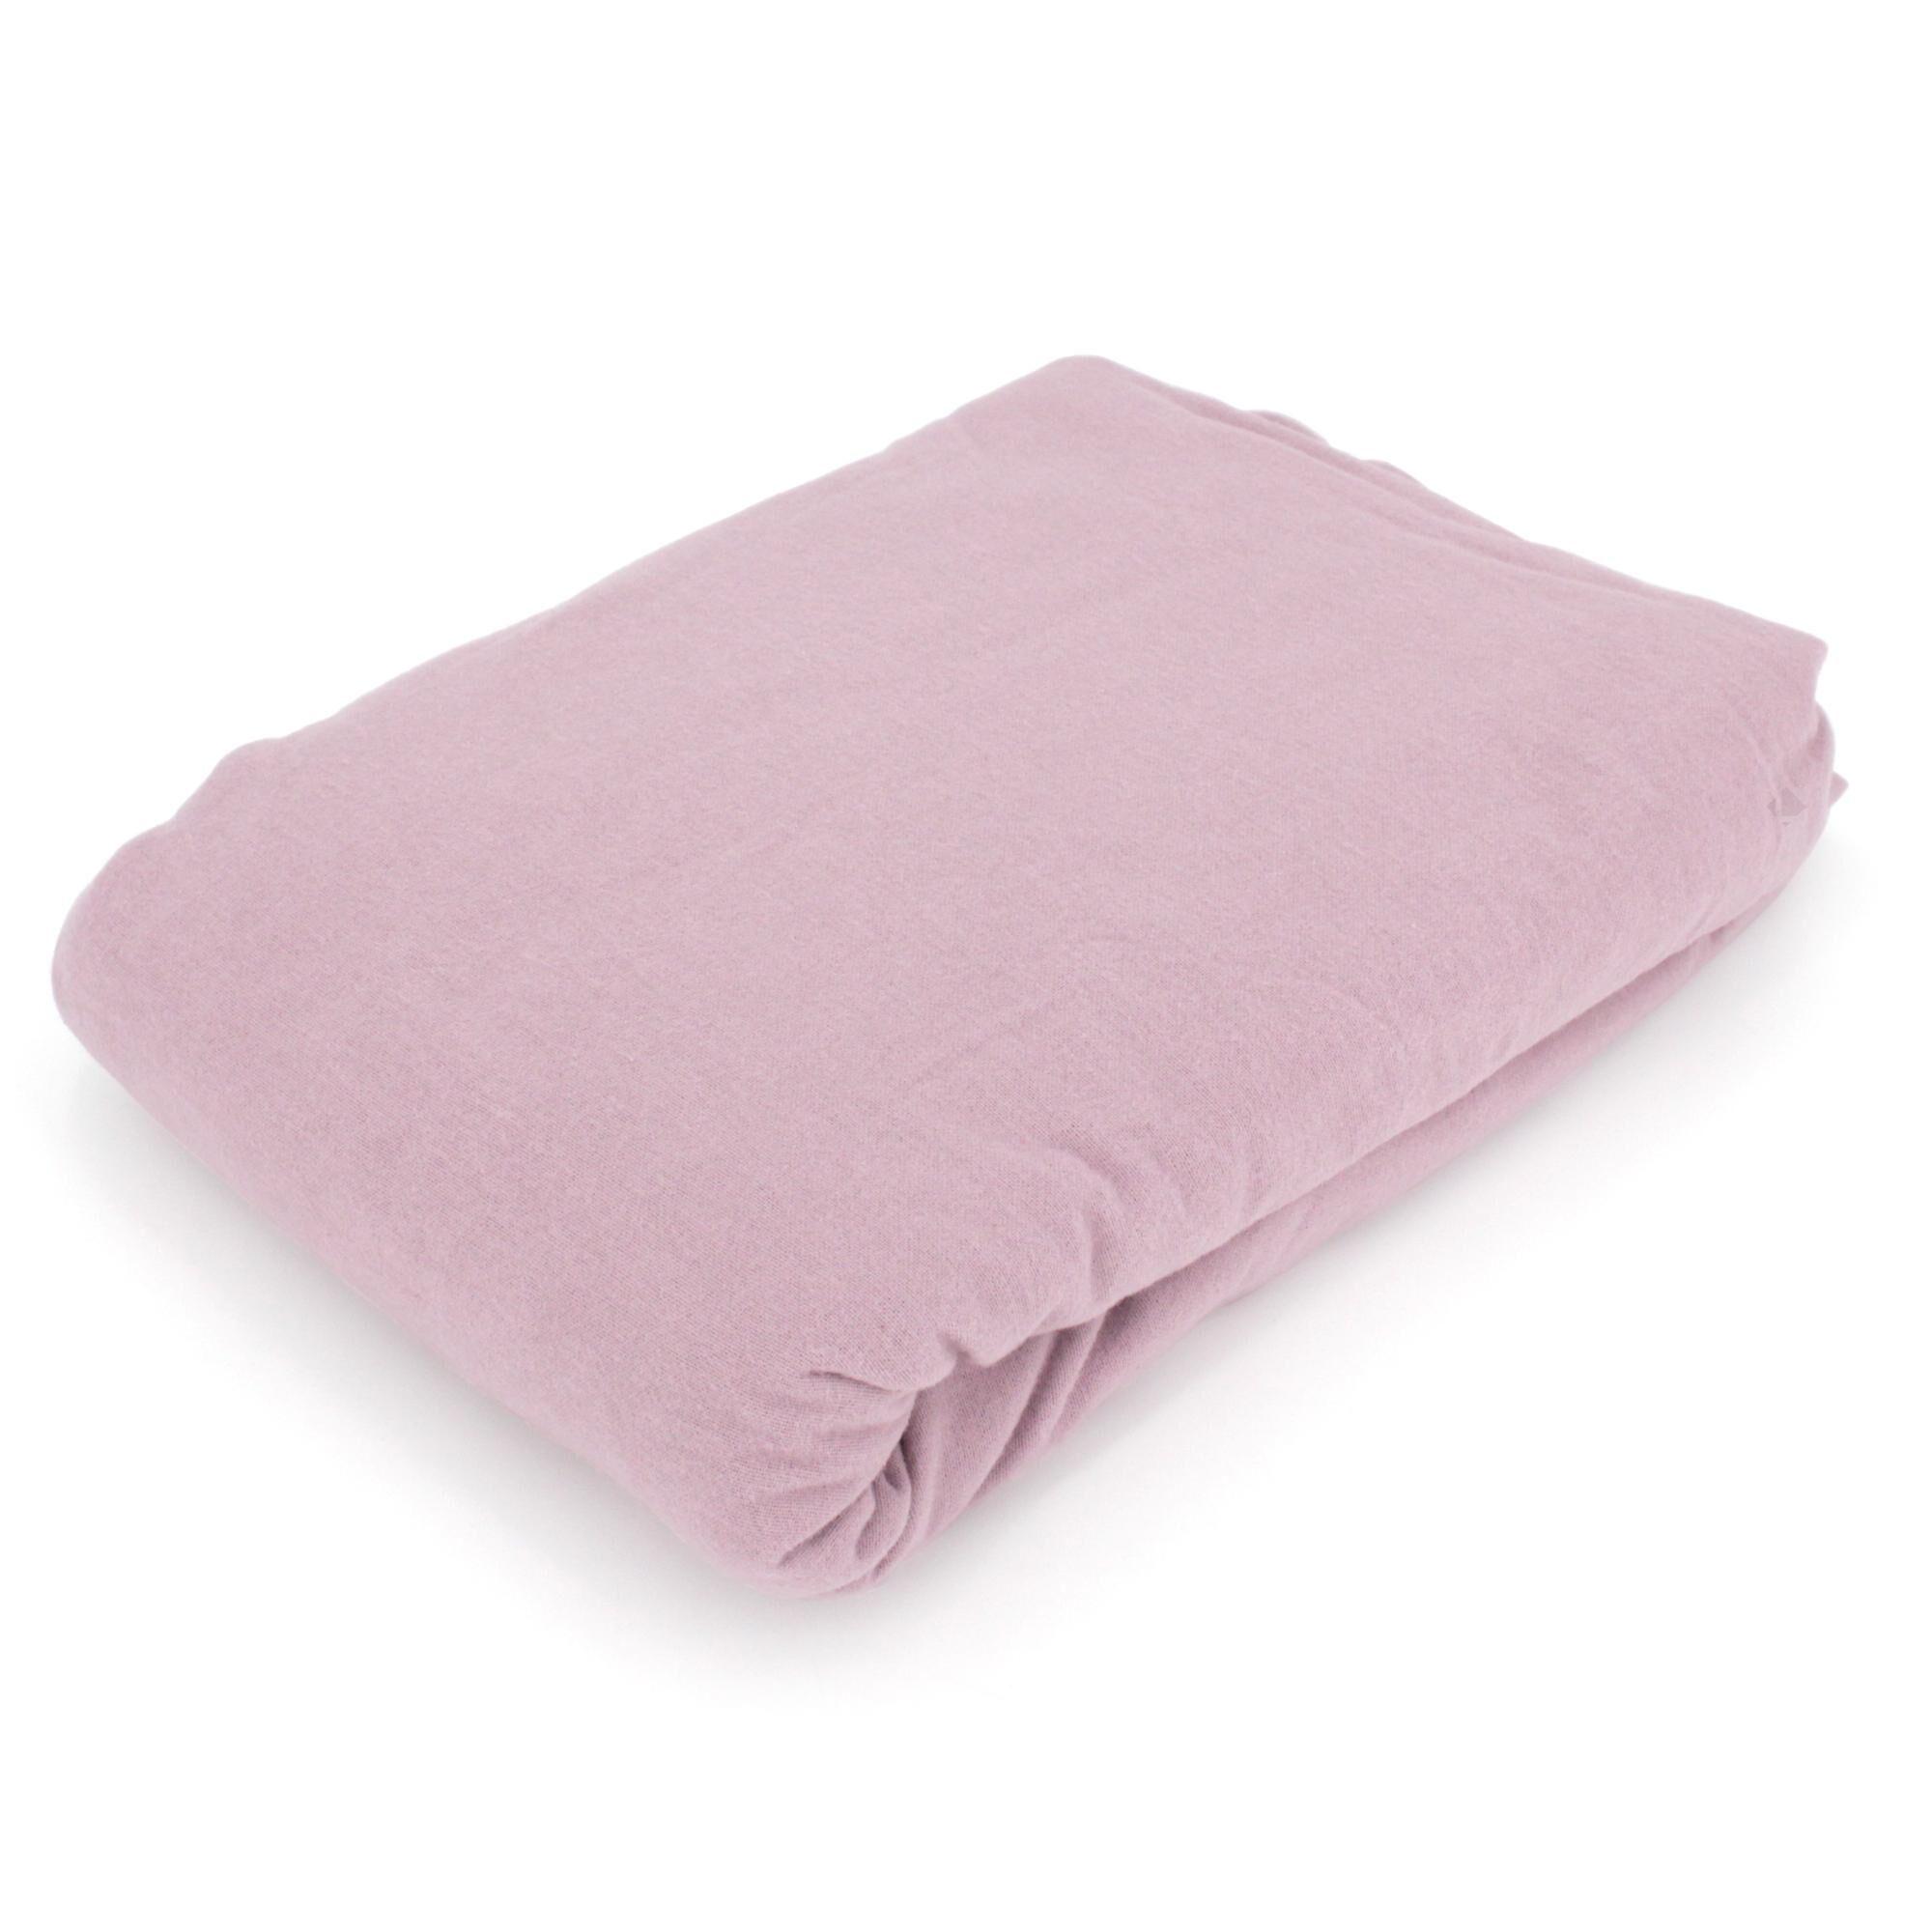 Linnea Drap housse flanelle unie 140x190 cm 100% coton WALES rose